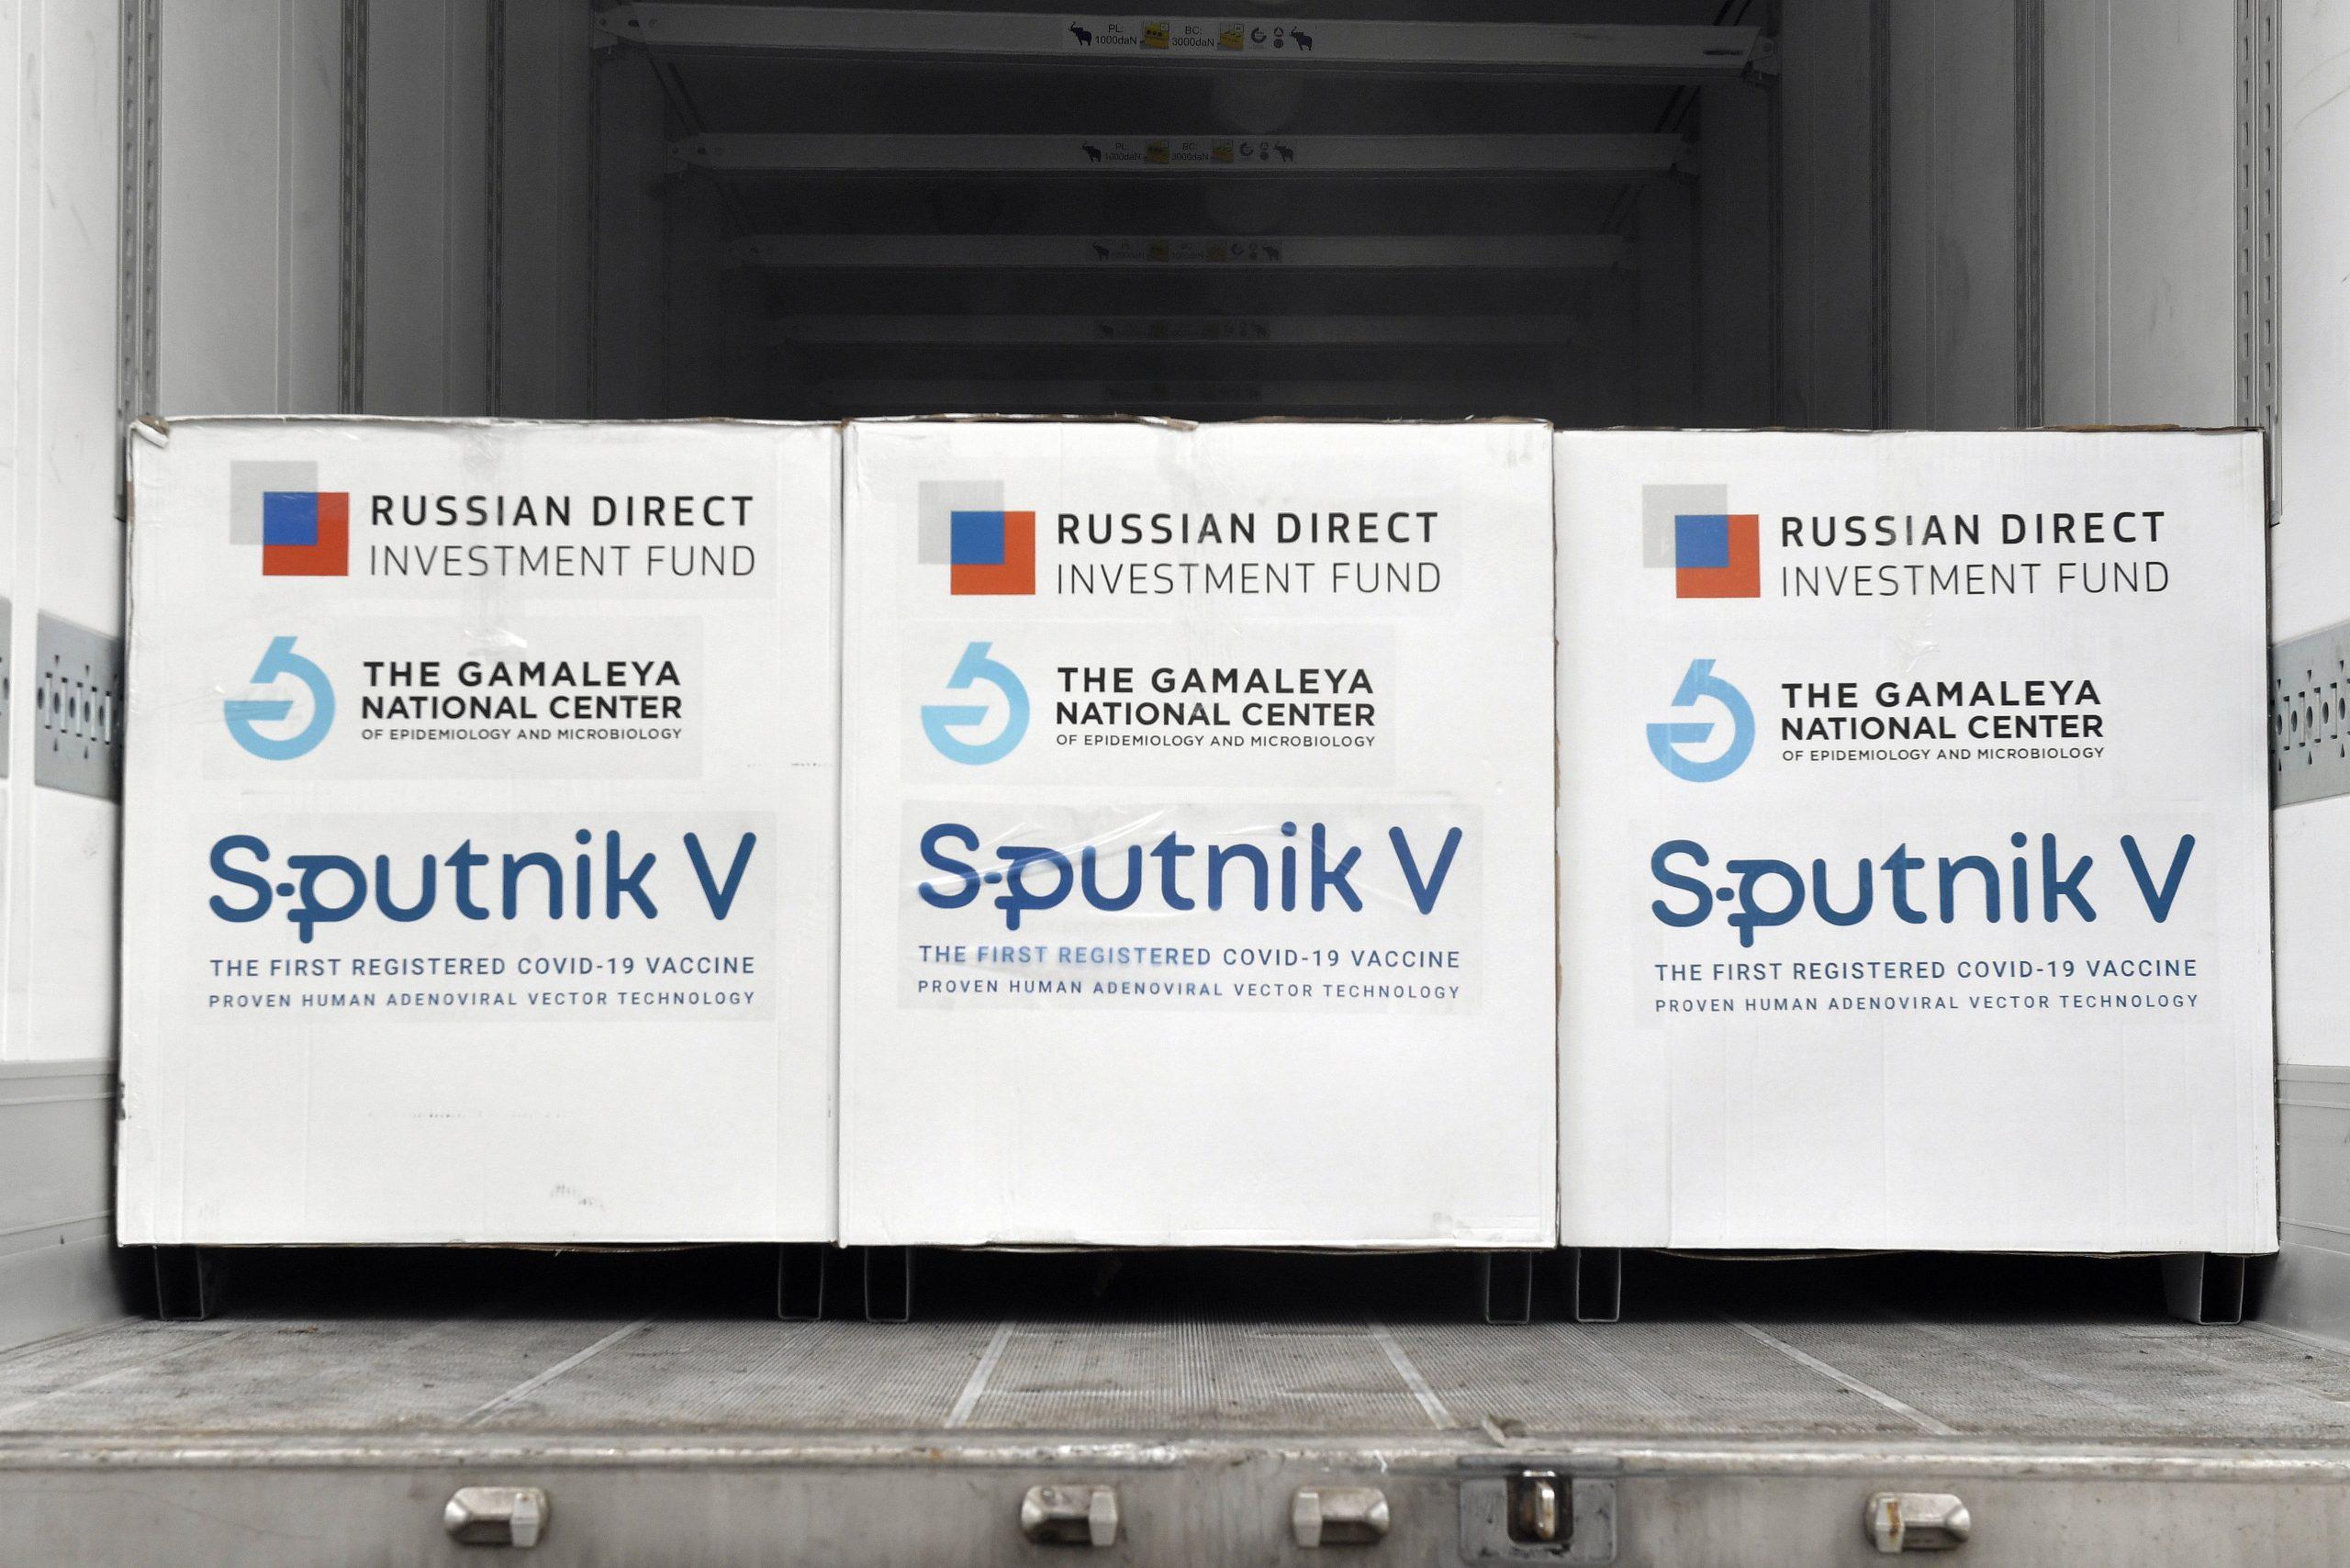 250,000 Doses of Sputnik V Vaccine Arrive in Hungary